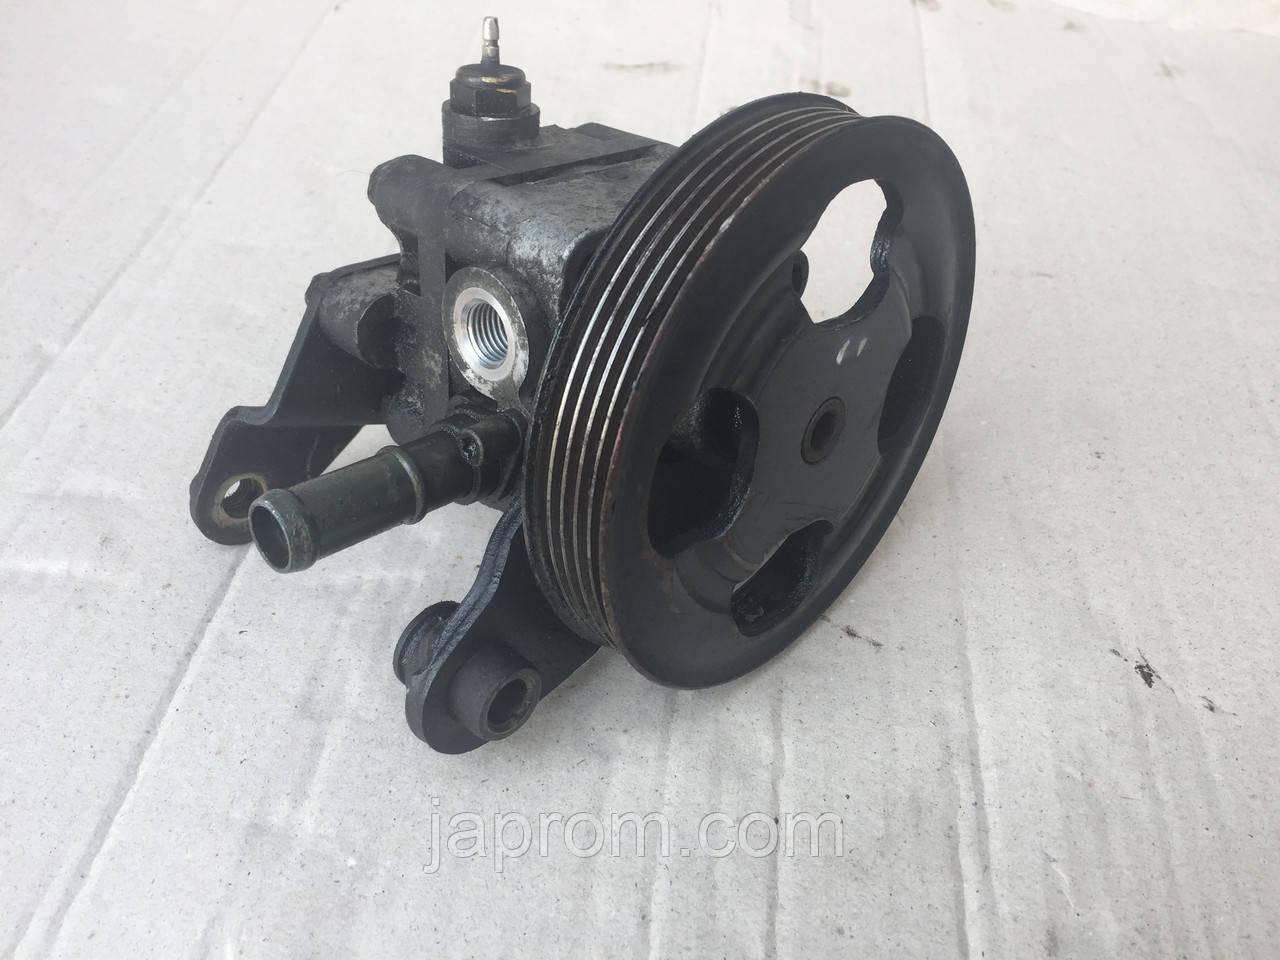 Насос гидроусилителя руля Mazda 626 GF GE 1,8/2,0 бензин